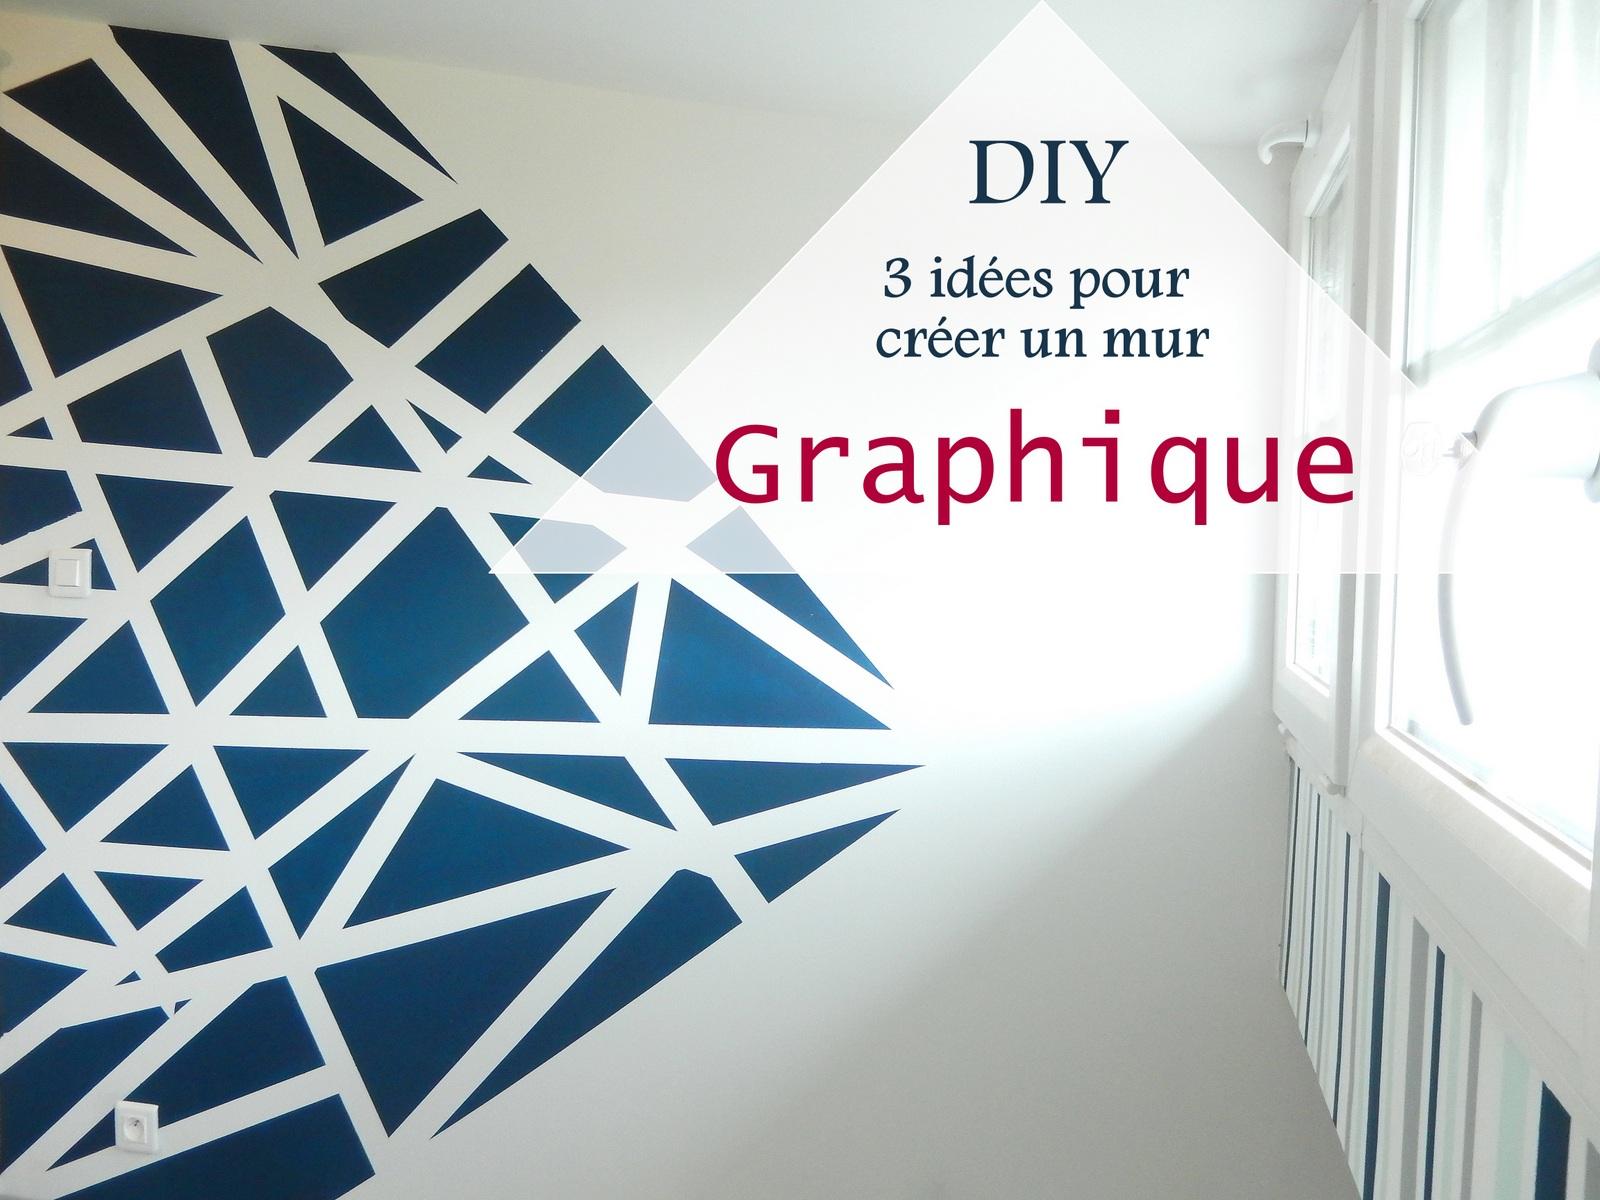 Diy 3 id es pour cr er un mur graphique mon carnet d co - Peindre un pan de mur en couleur ...